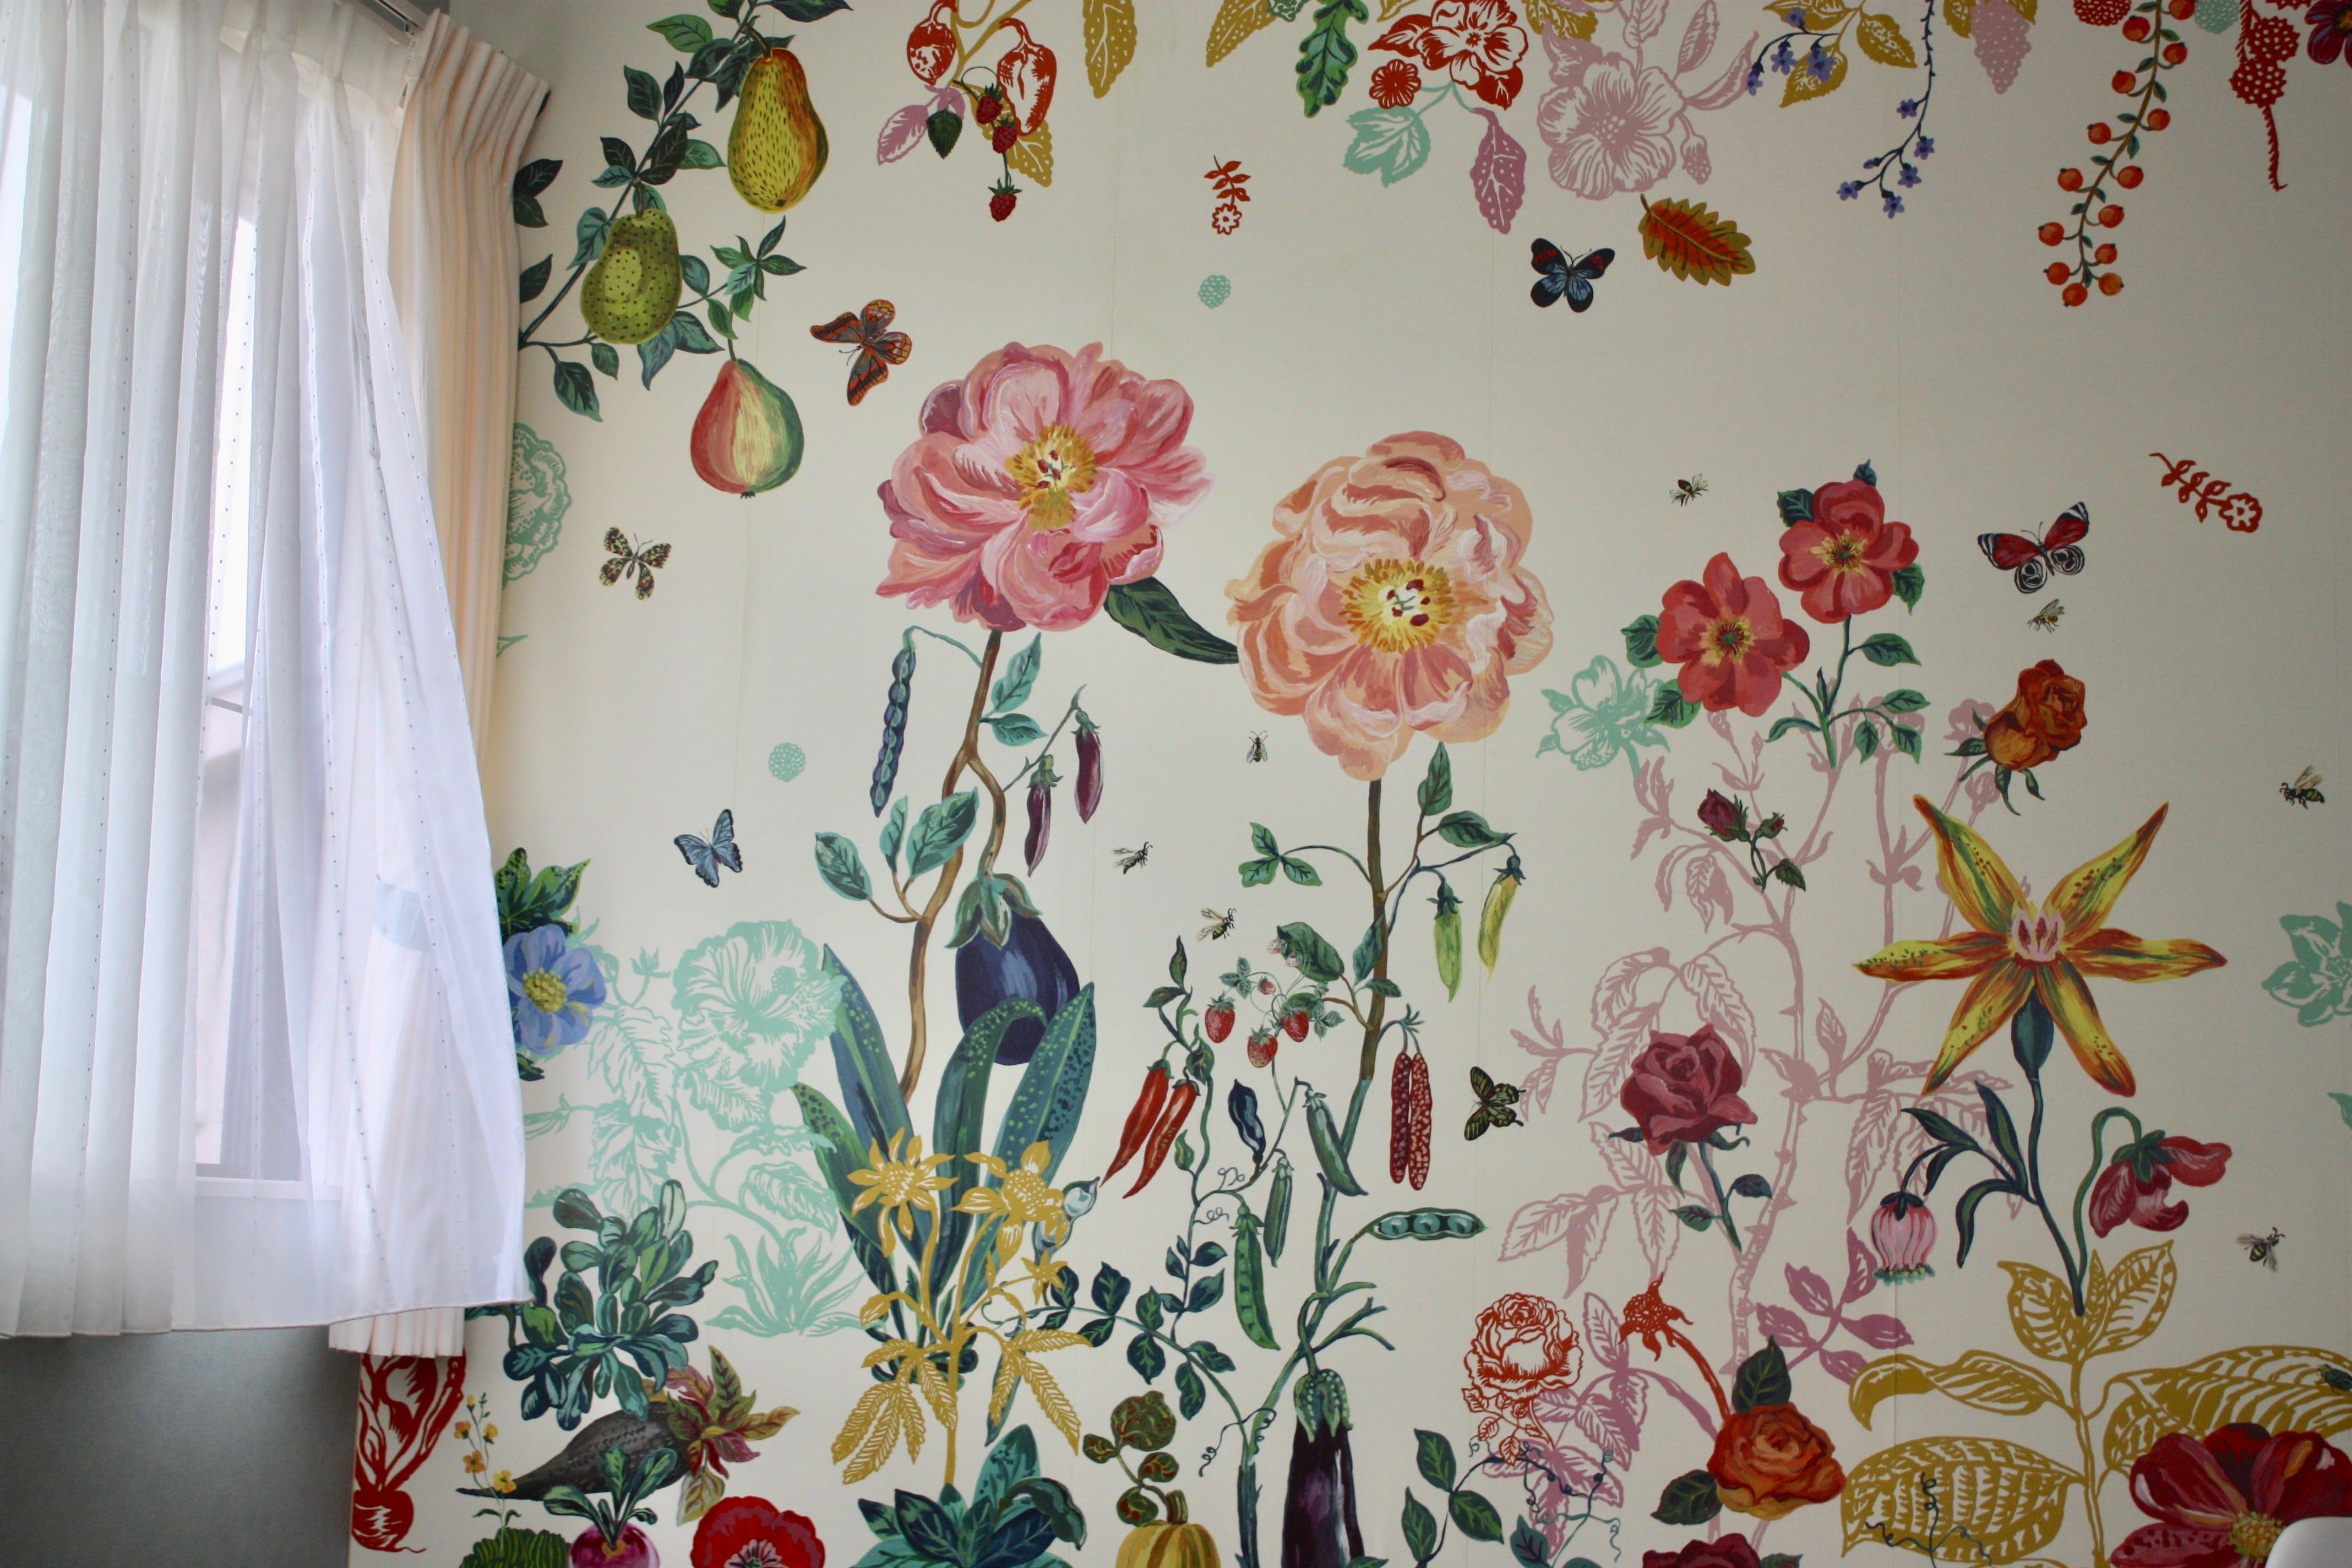 ナタリーレテの壁紙 パリ風 ママスタイル Blog Madame Figaro Jp